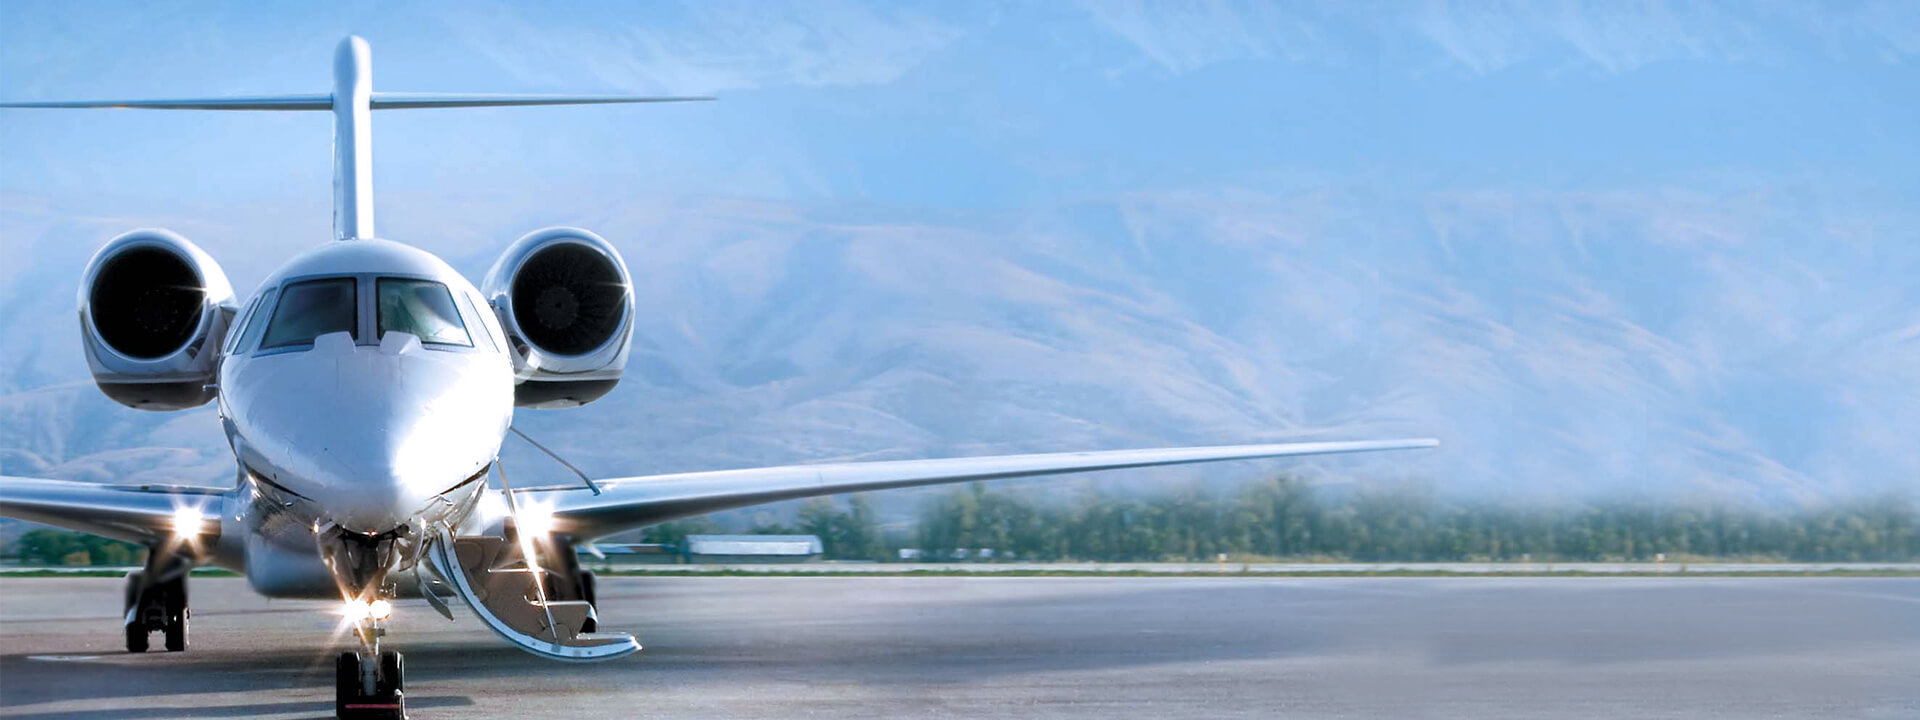 Jet Privato Milano Ibiza : Voli privati da milano linate ▷ jetapp